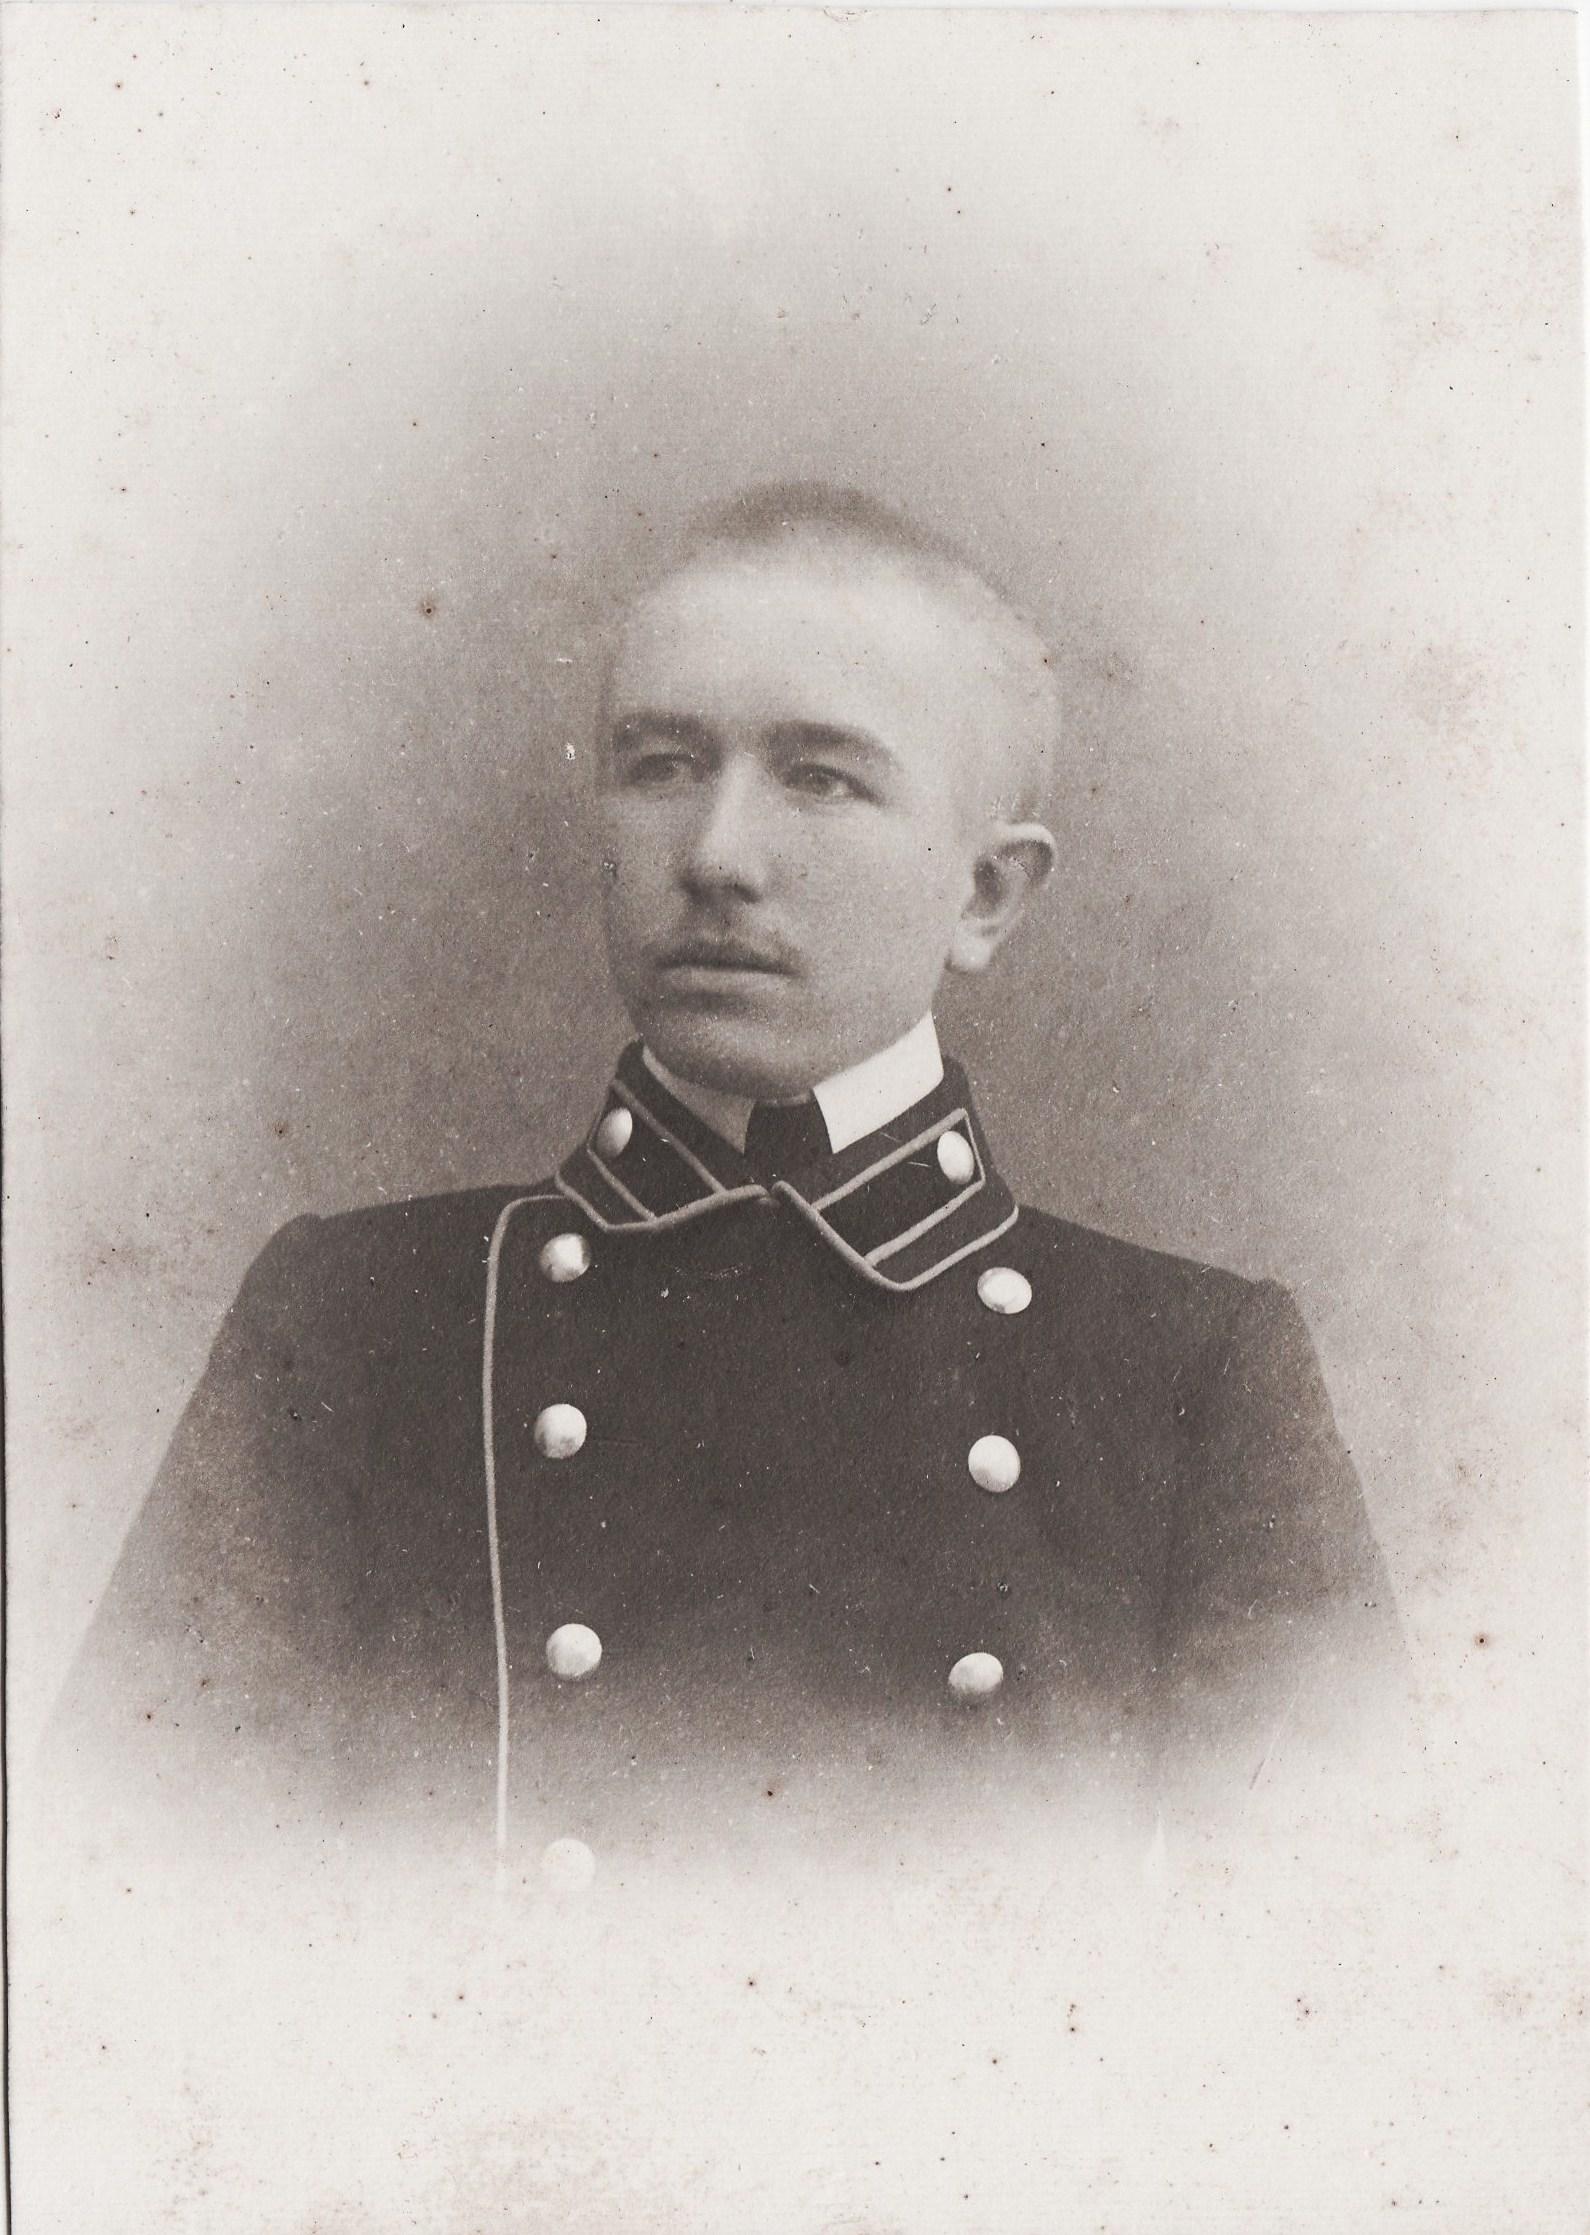 Студент Белов Дмитрий. II отделение 2 разряд.